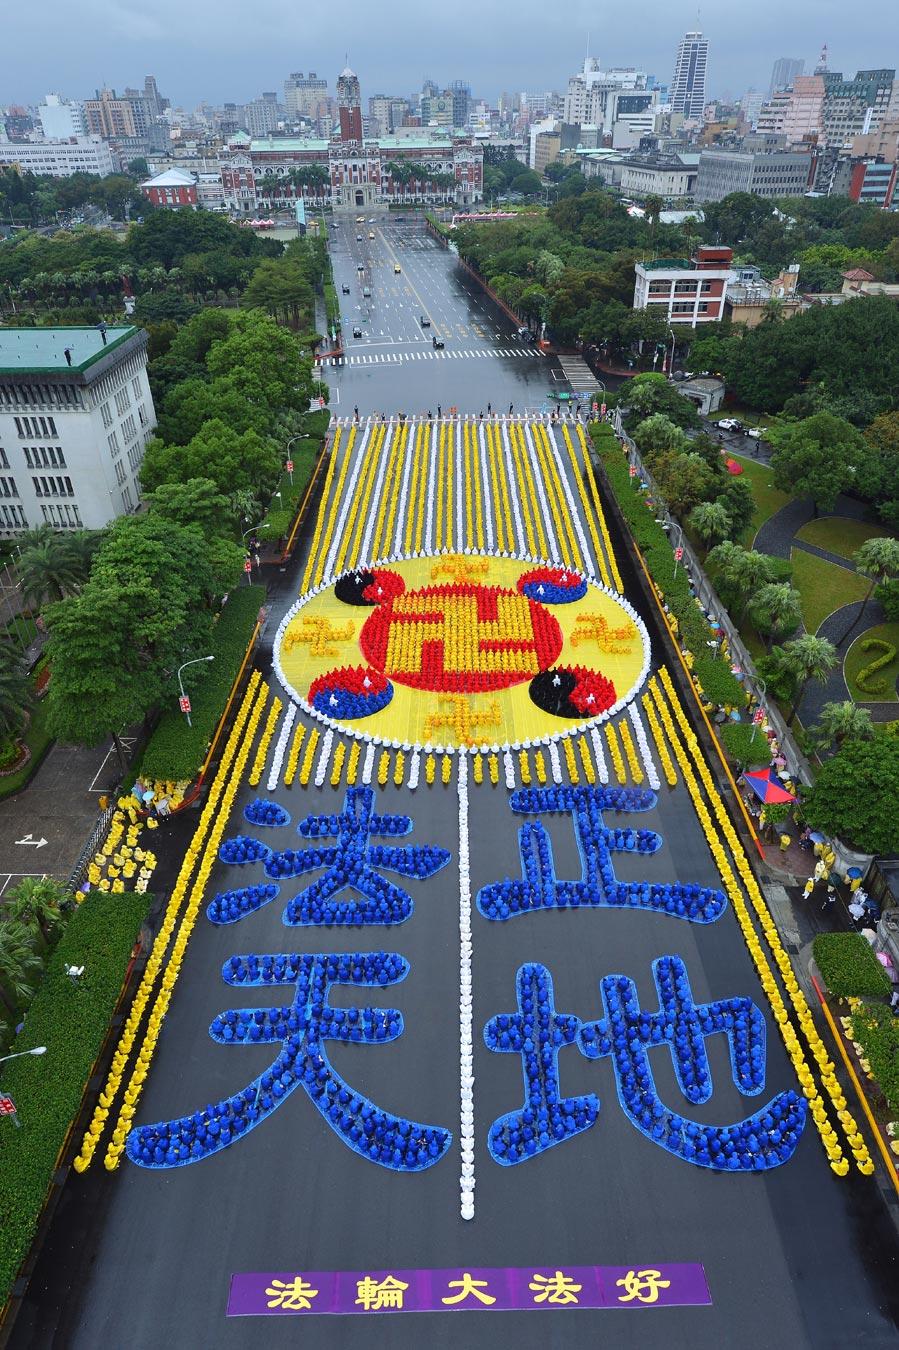 2012年11月17日,六千名法輪功學員在總統府前的廣場,排出「法正天地」及法輪圖形。(明慧網)